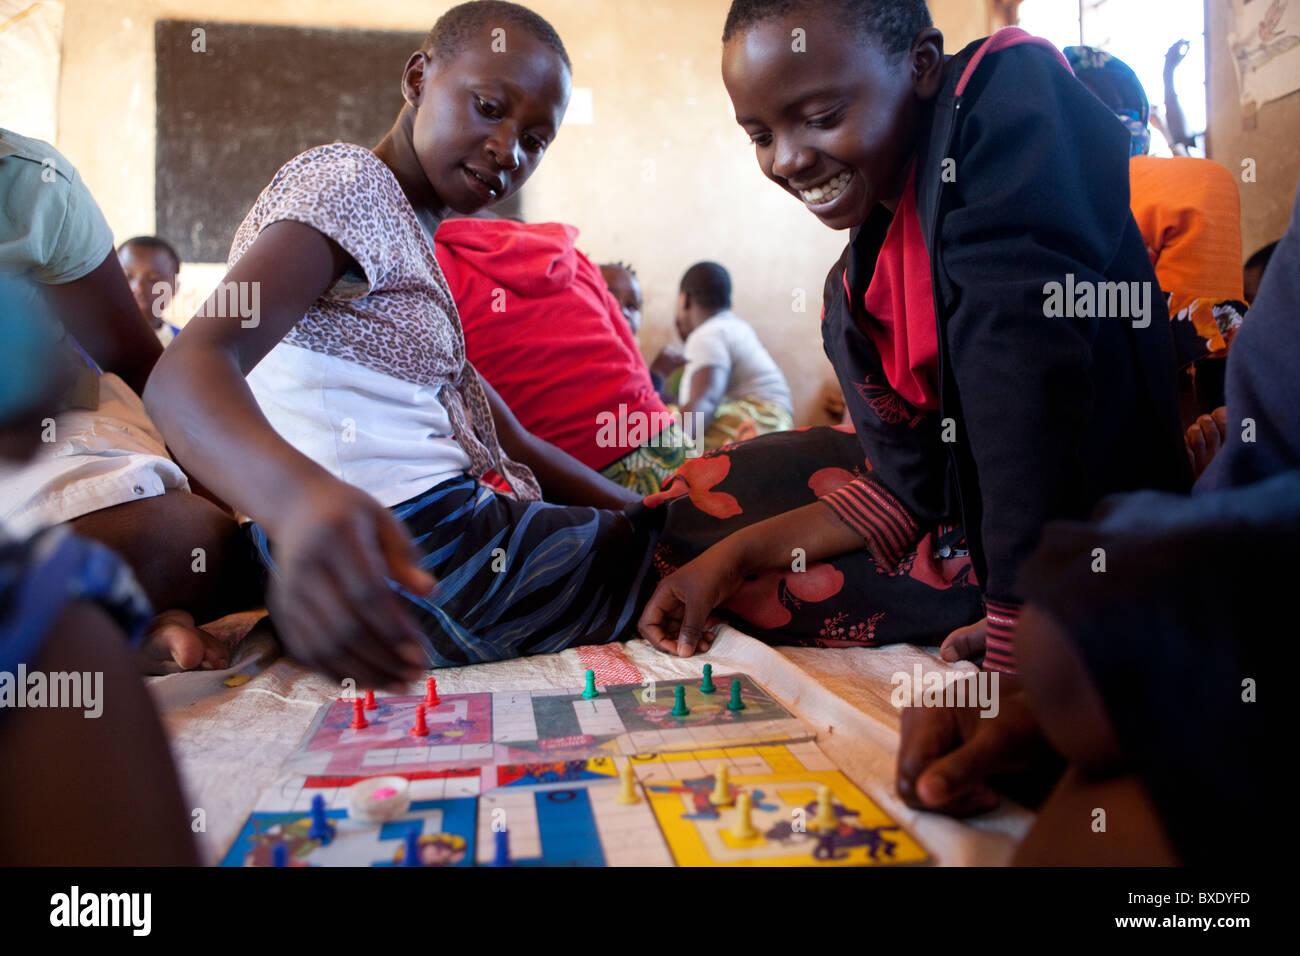 Las Ninas Adolescentes Jugar A Juegos De Mesa Junto A Un Programa